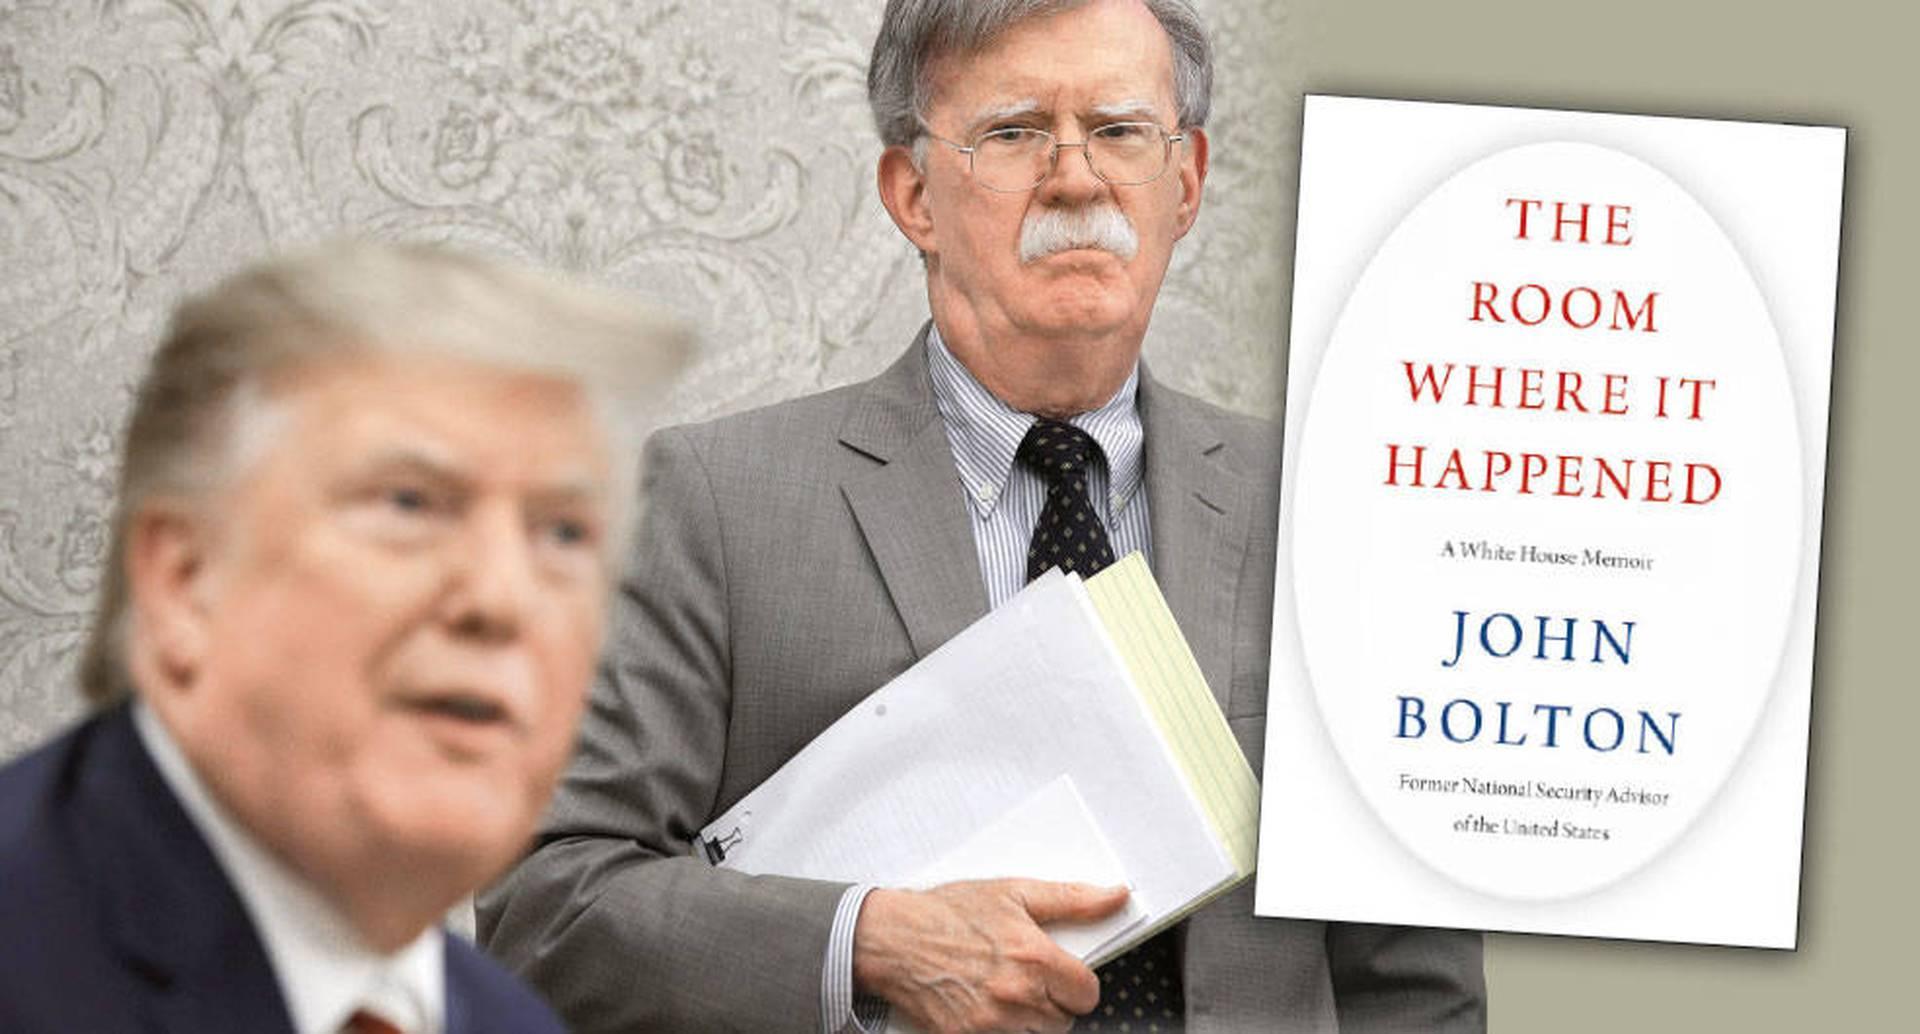 Trump trató de frenar la publicación del libro de Bolton. La Casa Blanca argumentó, sin éxito, que contenía asuntos de seguridad nacional. En The Room Where It Happened: A White House Memoir, el exconsejero Bolton reúne sus escandalosas experiencias en la Casa Blanca.